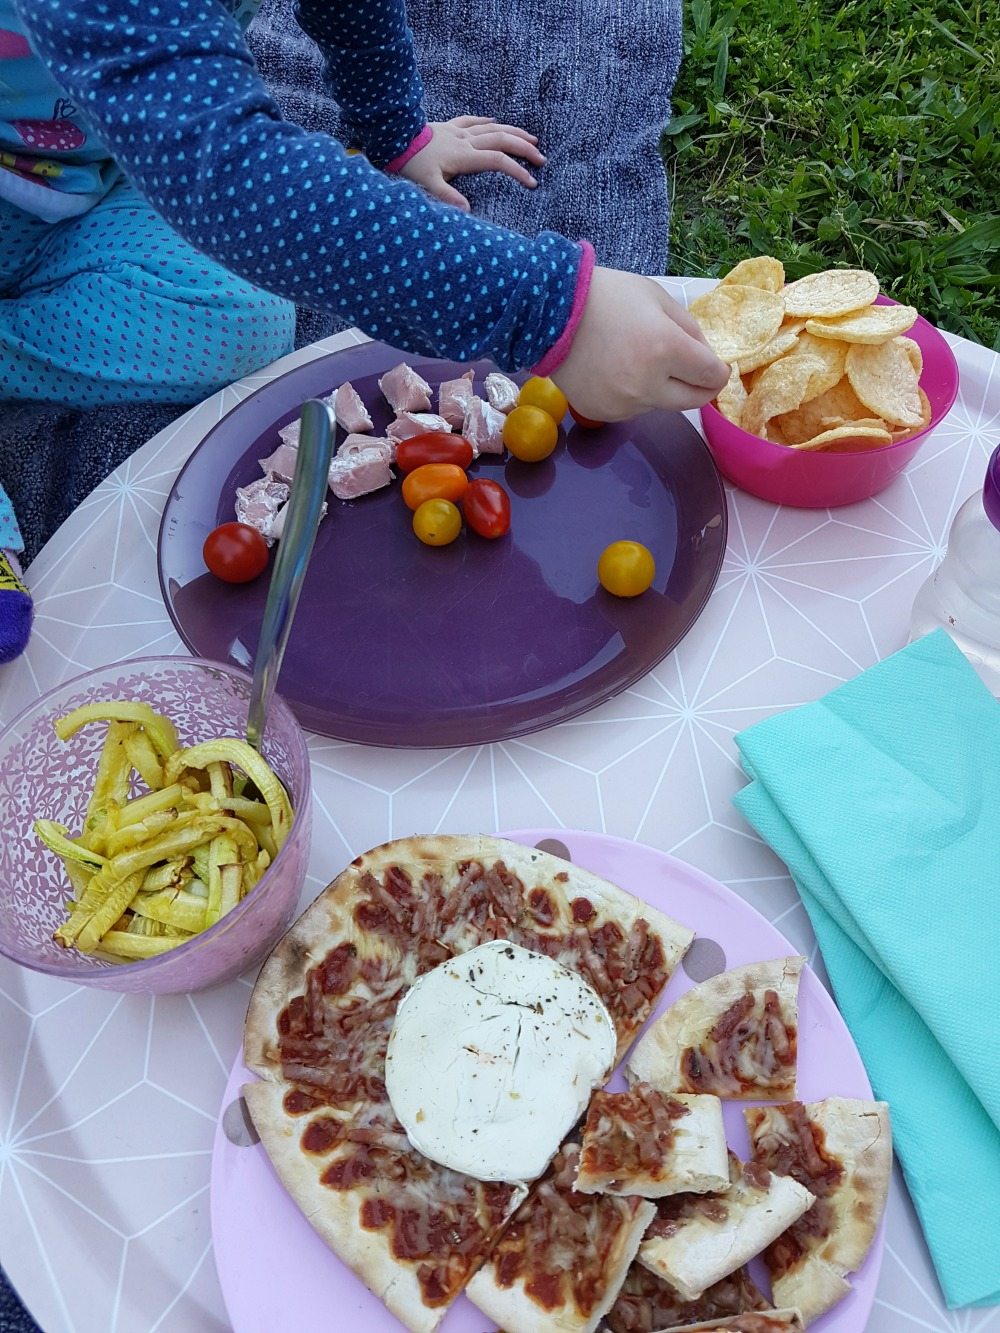 Recette pour un pique-nique au jardin